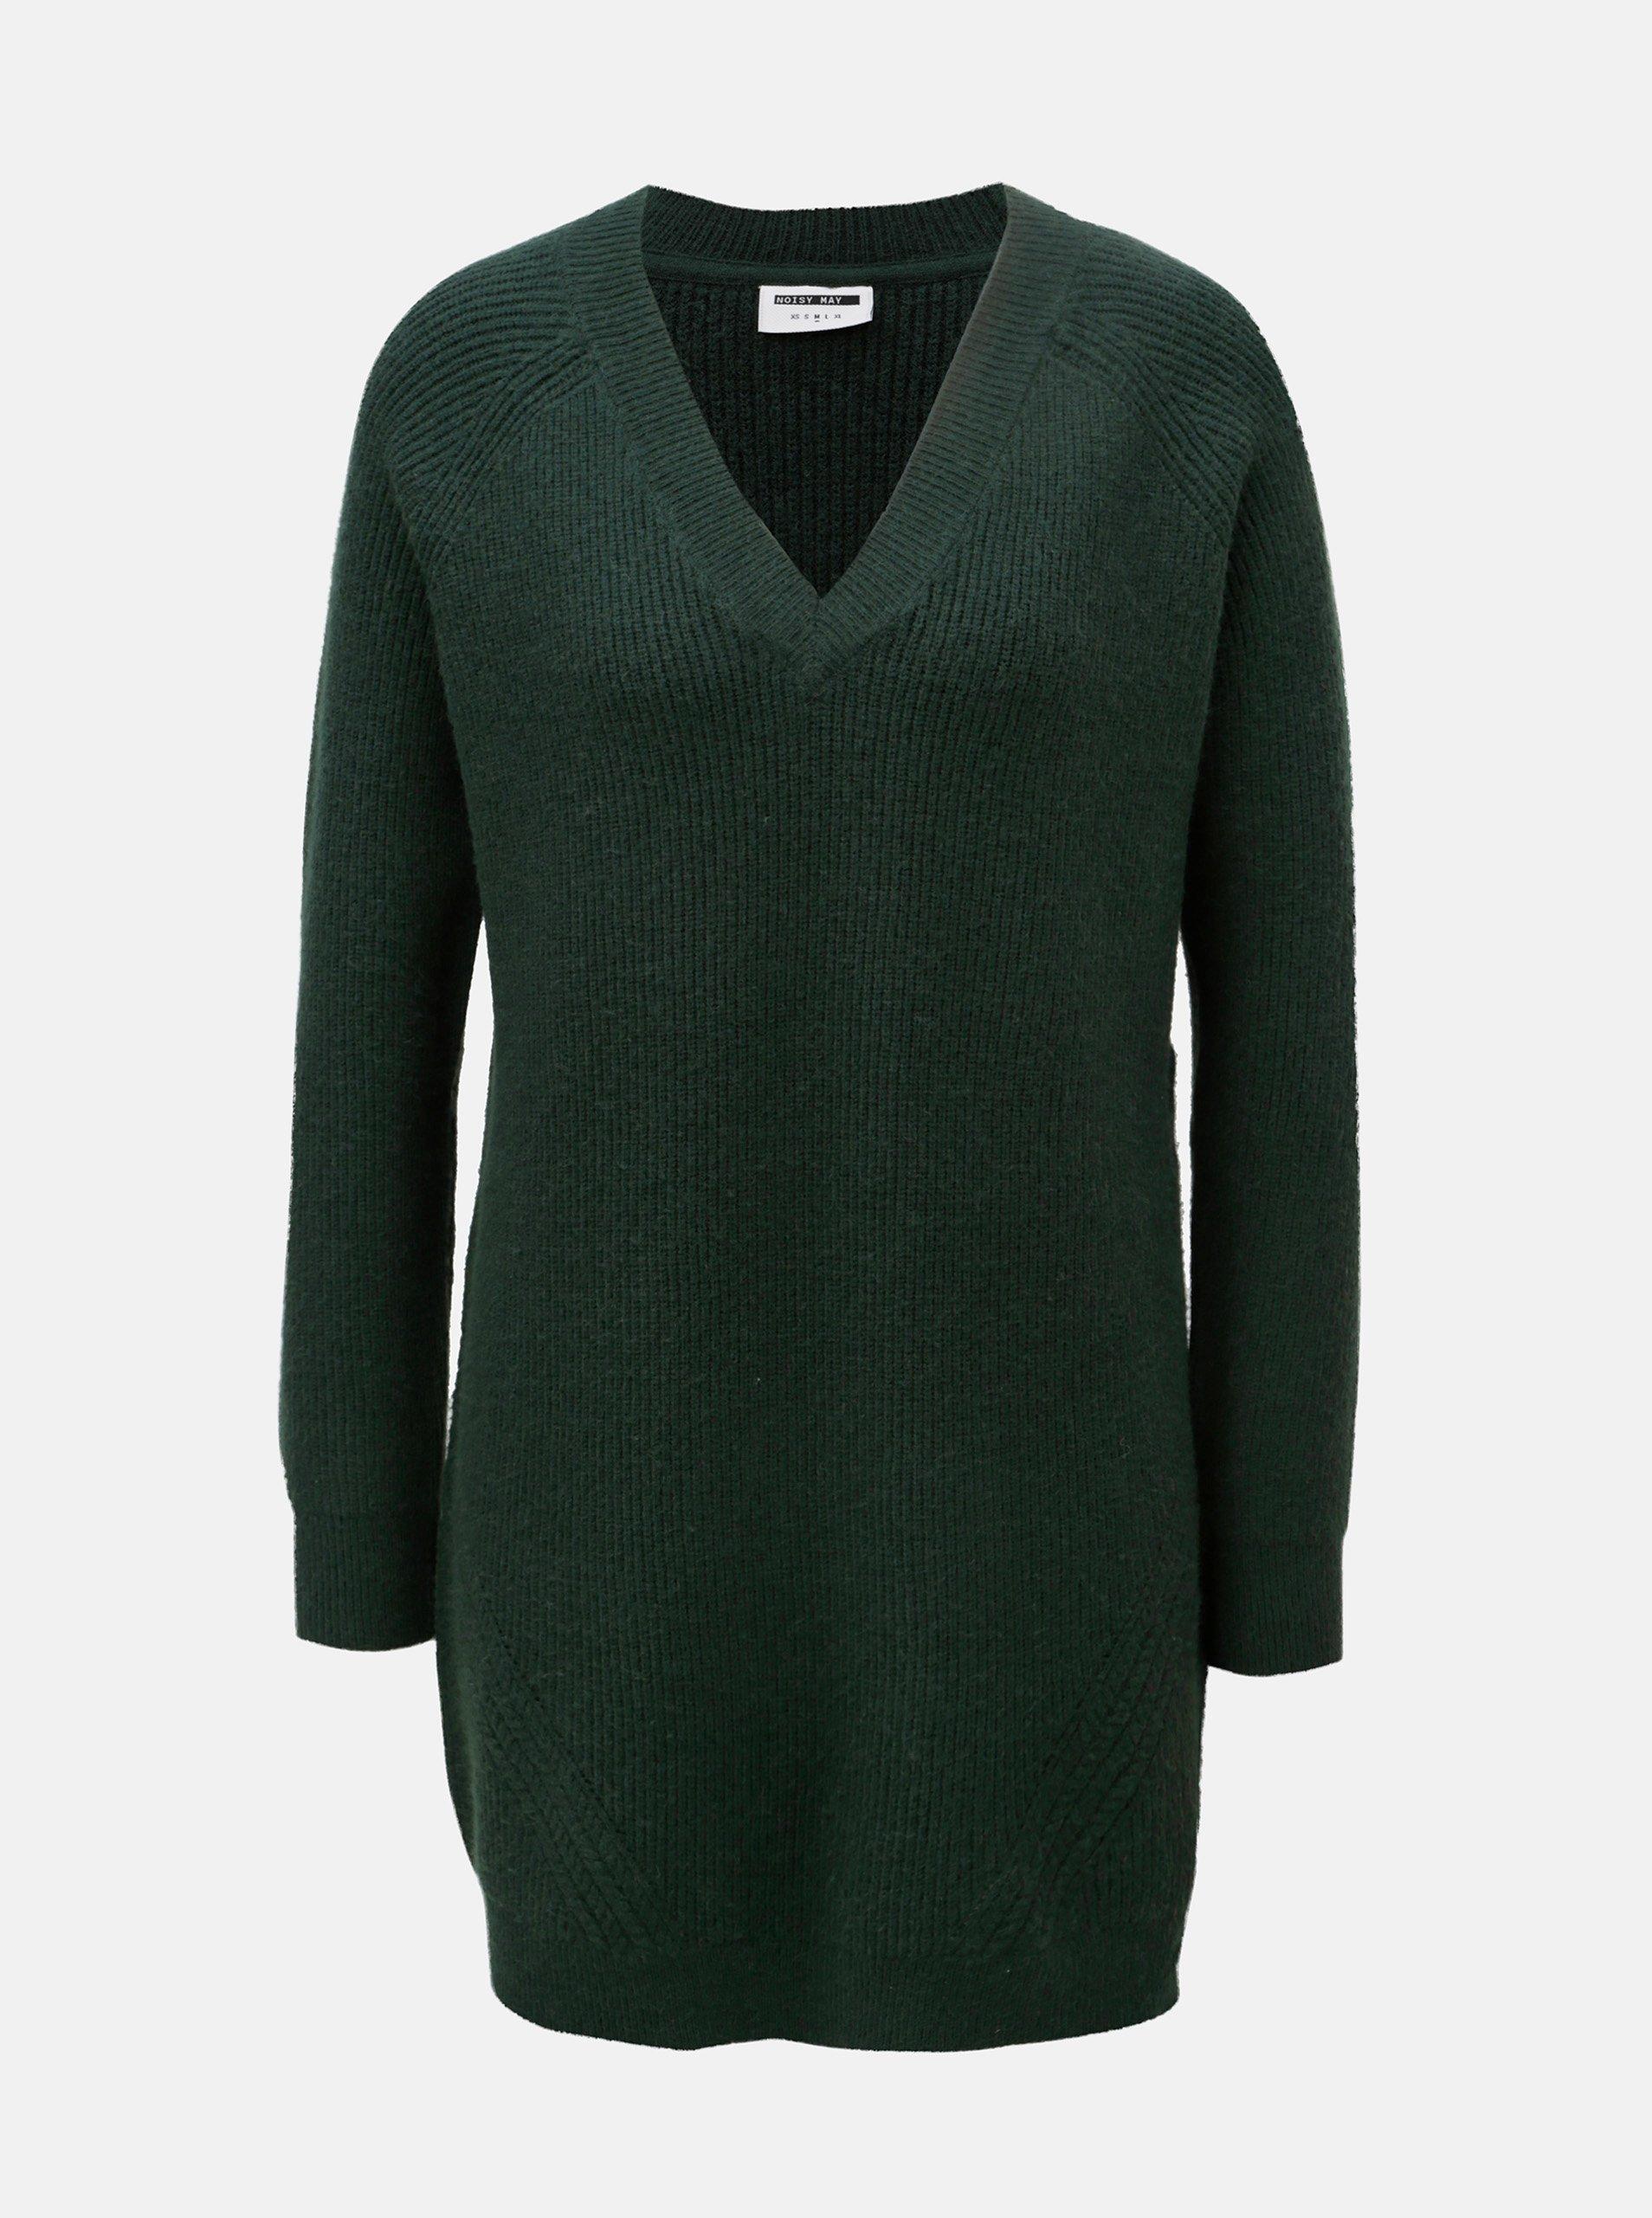 Fotografie Tmavě zelený svetr s prodlouženou délkou a véčkovým výstřihem Noisy May Sati